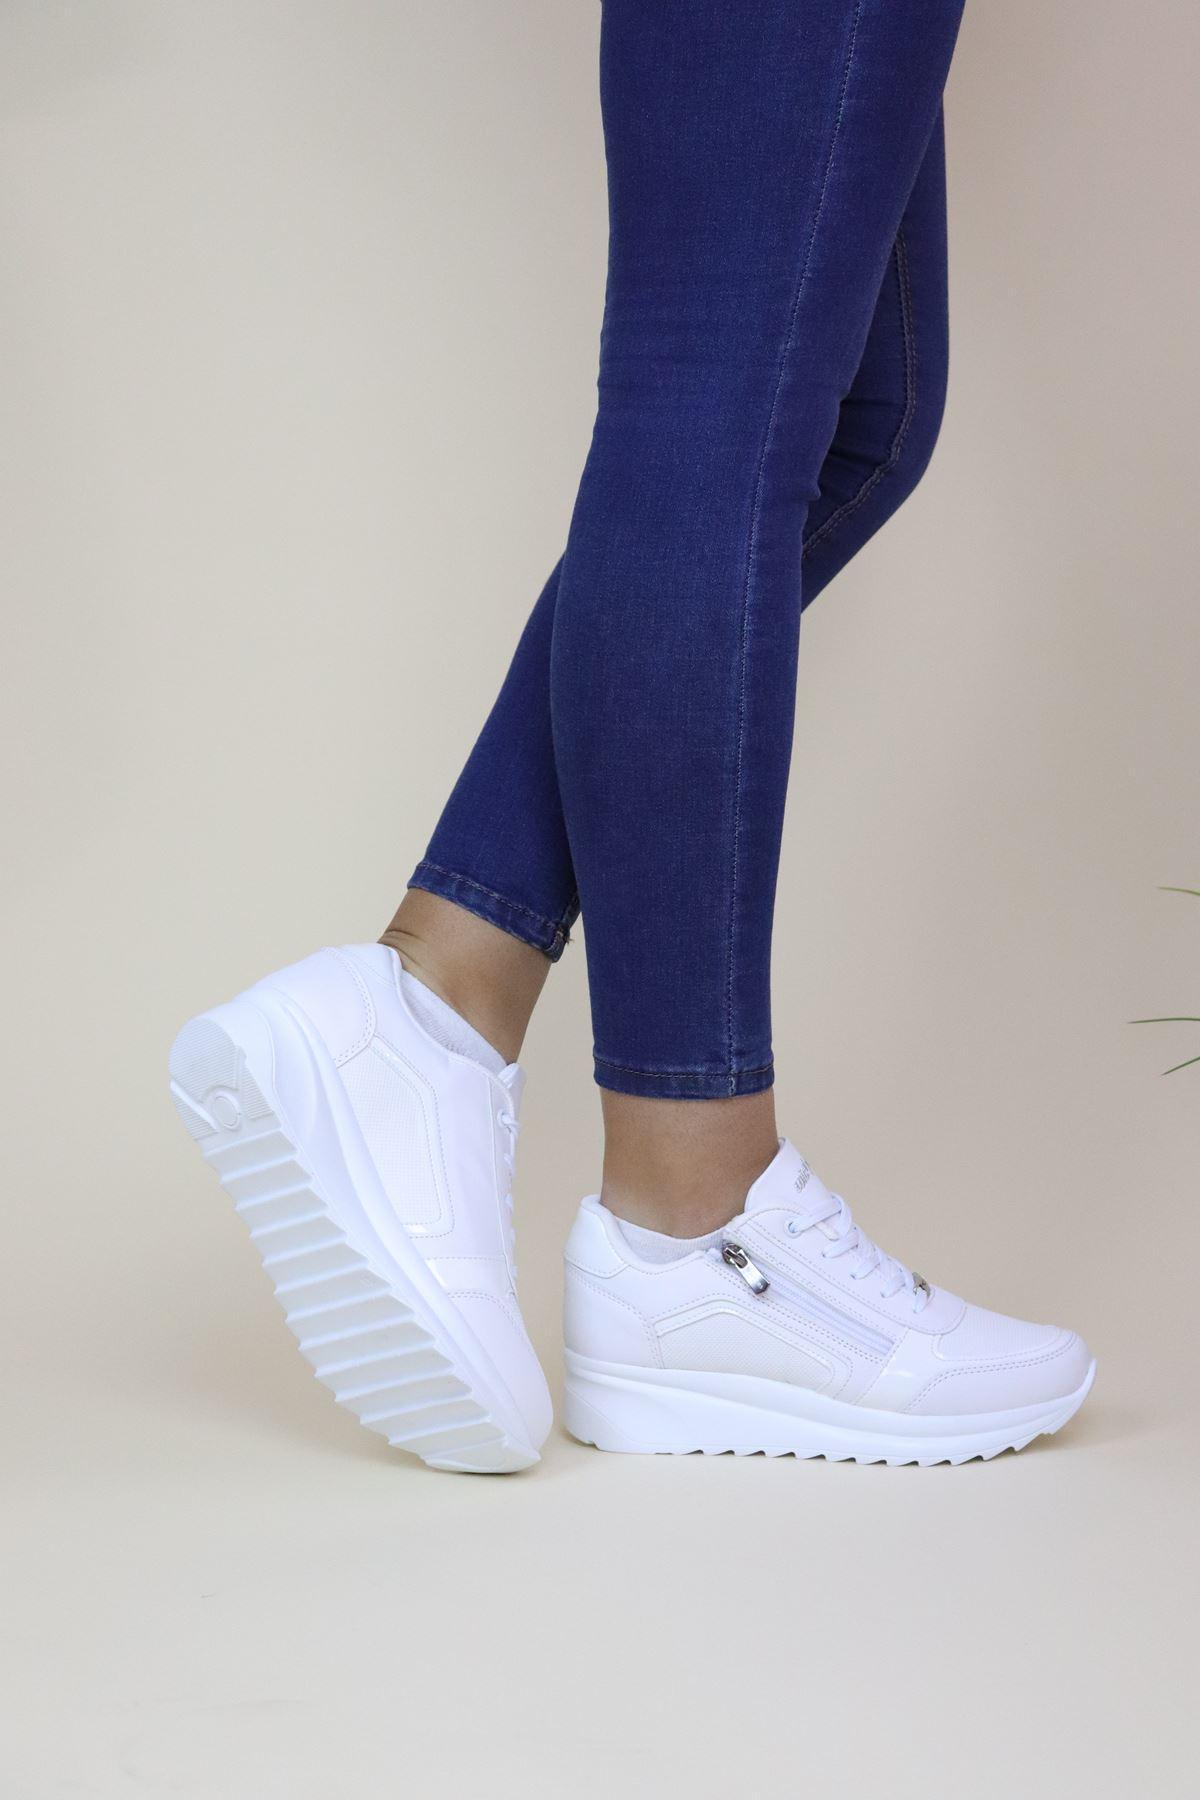 Wickers 2161 Zenne Beyaz Kadın Spor Ayakkabı